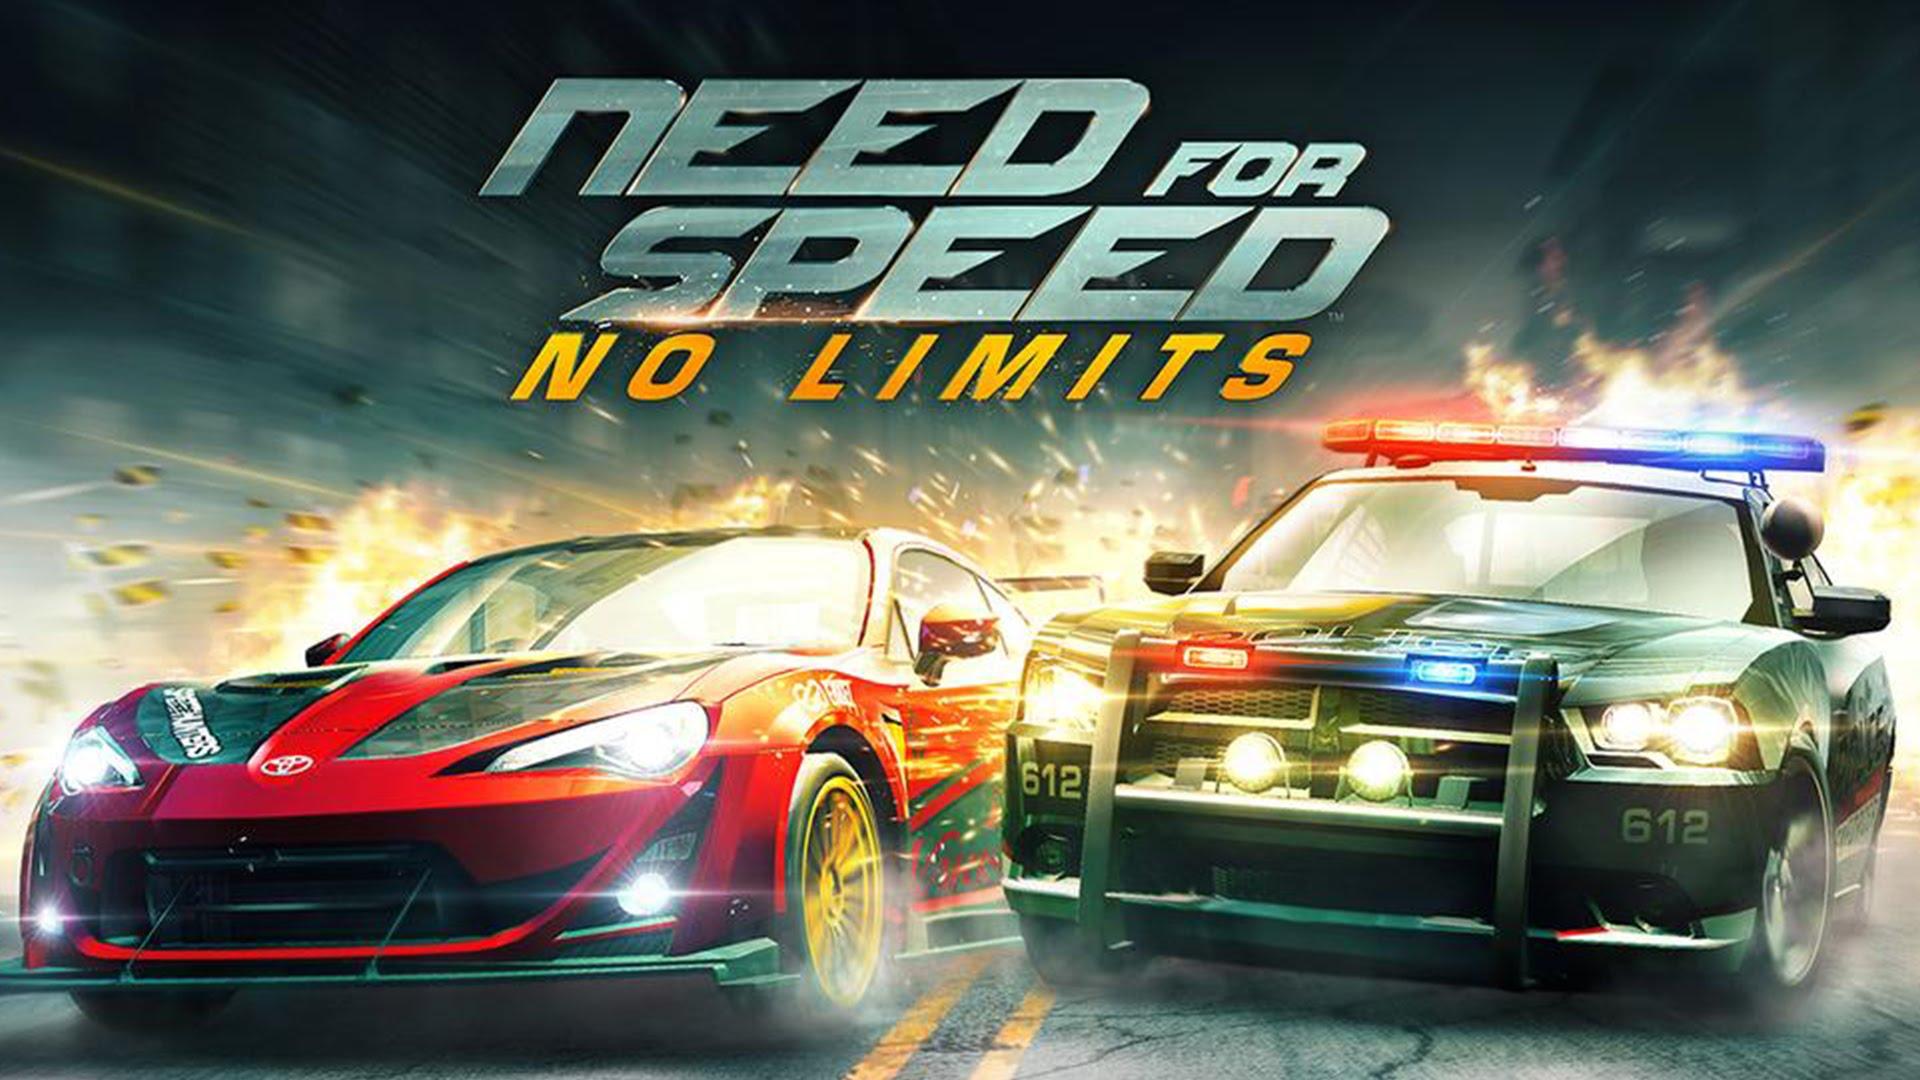 لعبة سباق السيارات Need For Speed No Limit V1.0.47 على الاندرويد